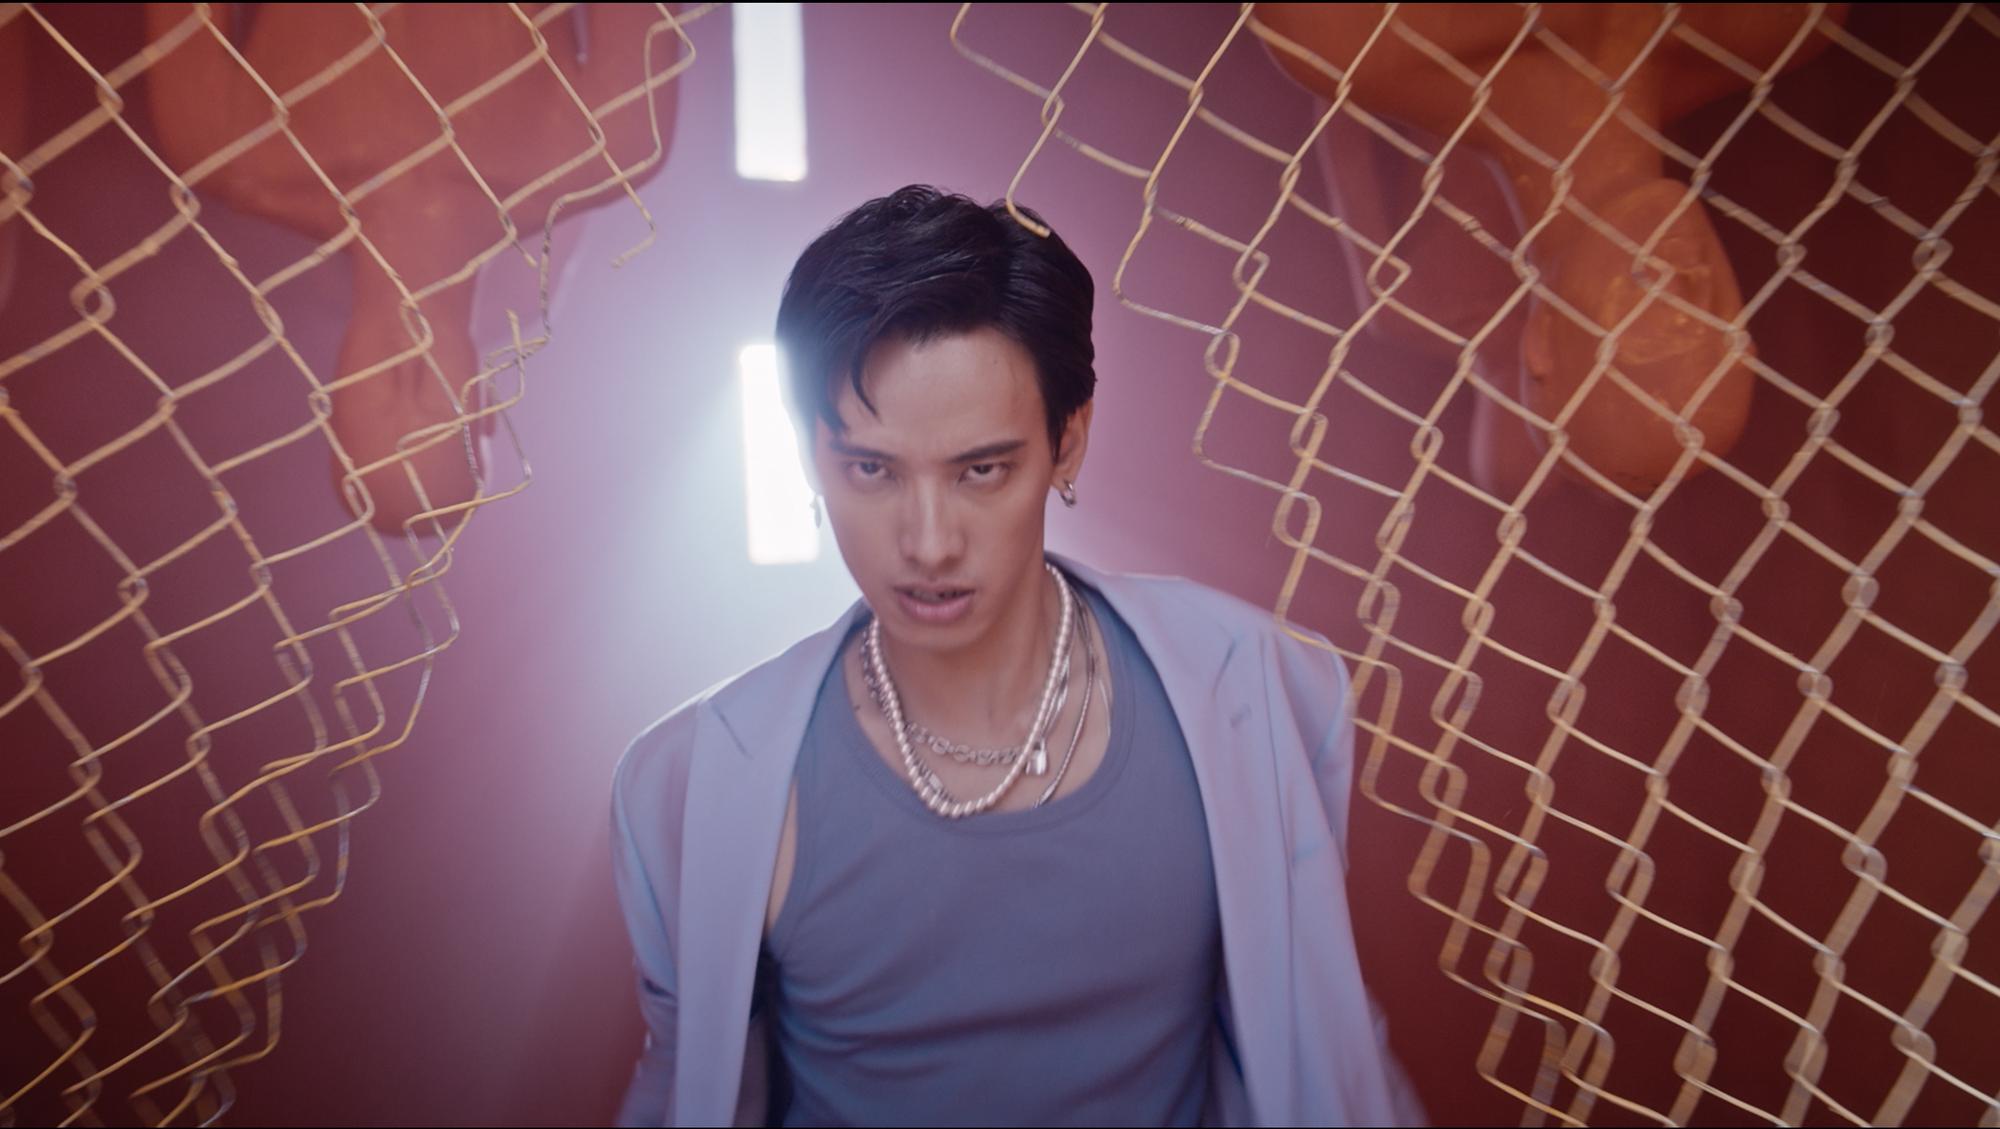 Điểm danh 4 nhân vật xuất hiện trong clip truyền cảm hứng khác biệt cùng Sơn Tùng M-TP - Ảnh 6.